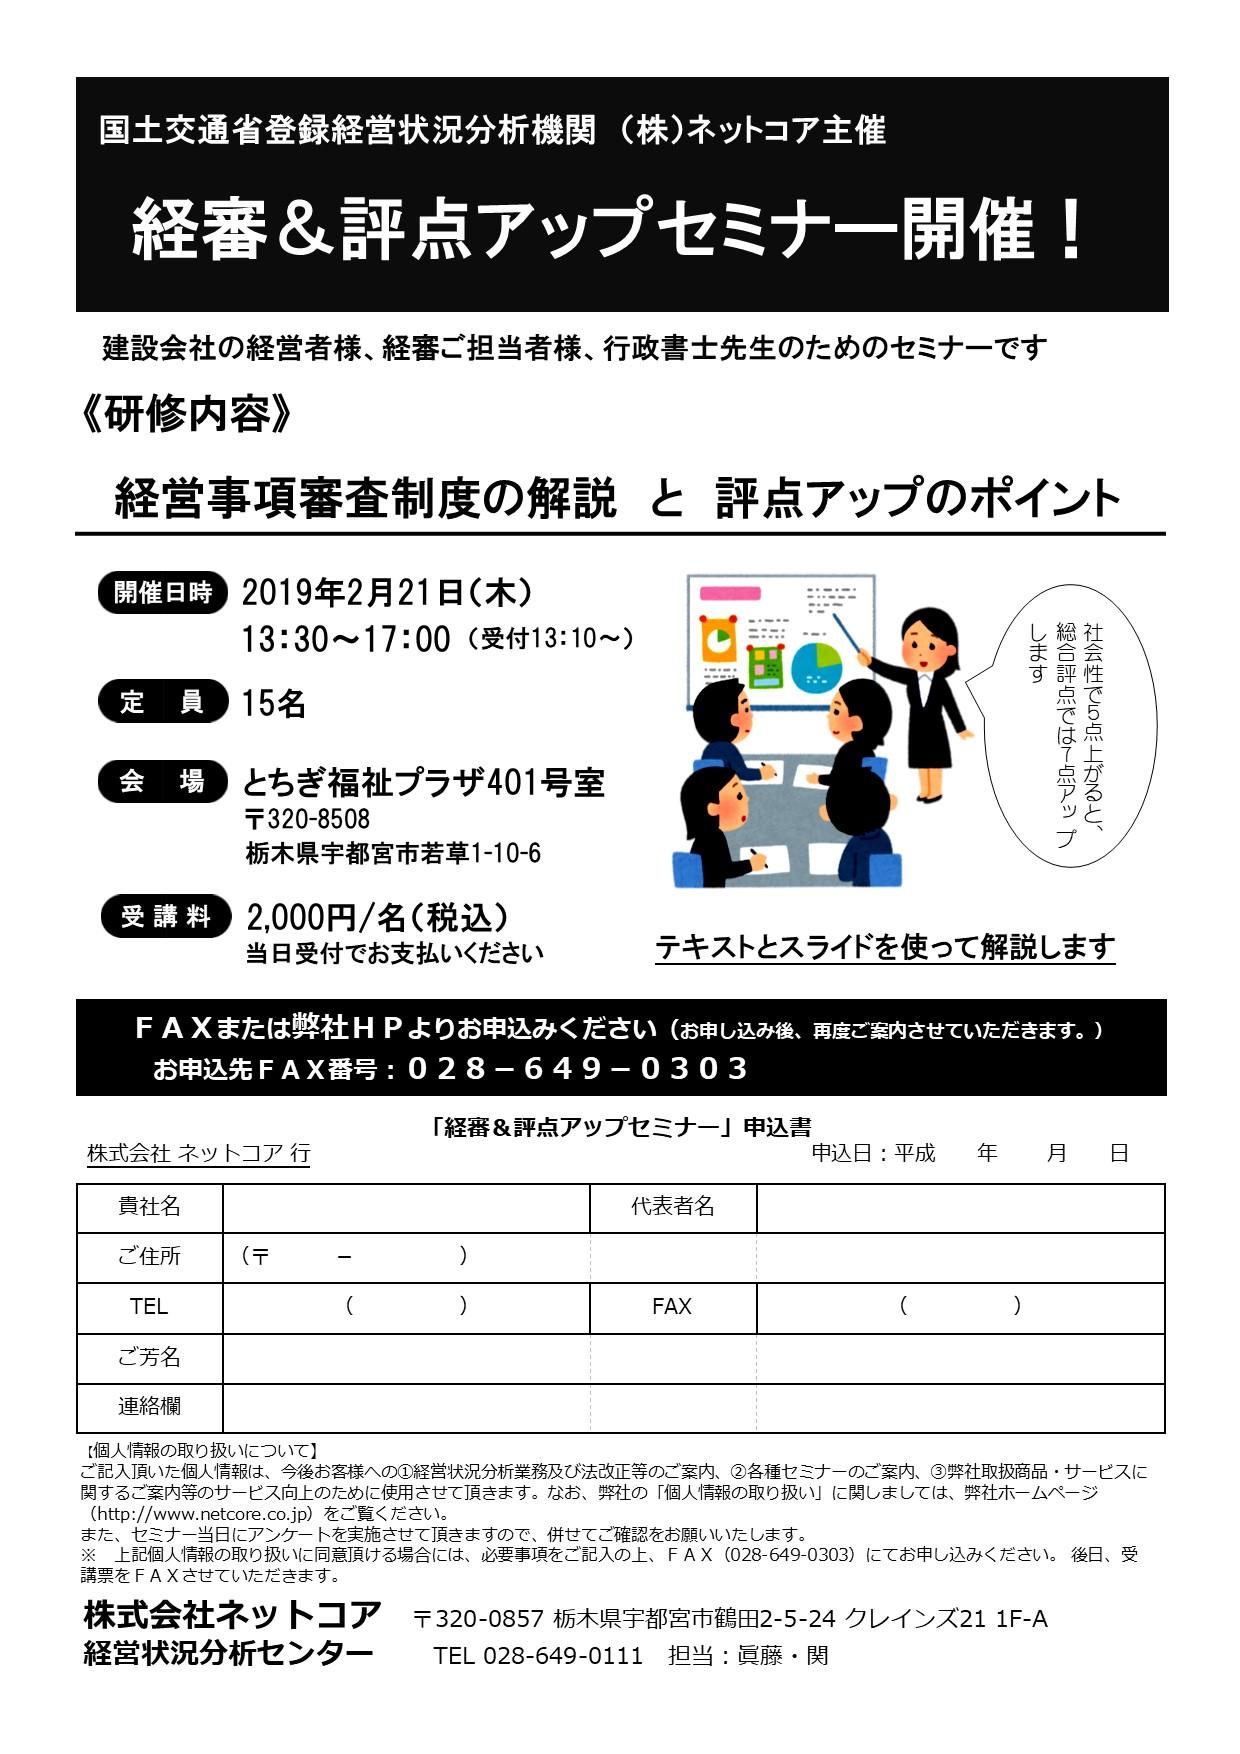 20190221_セミナーご案内 - カラー.jpg